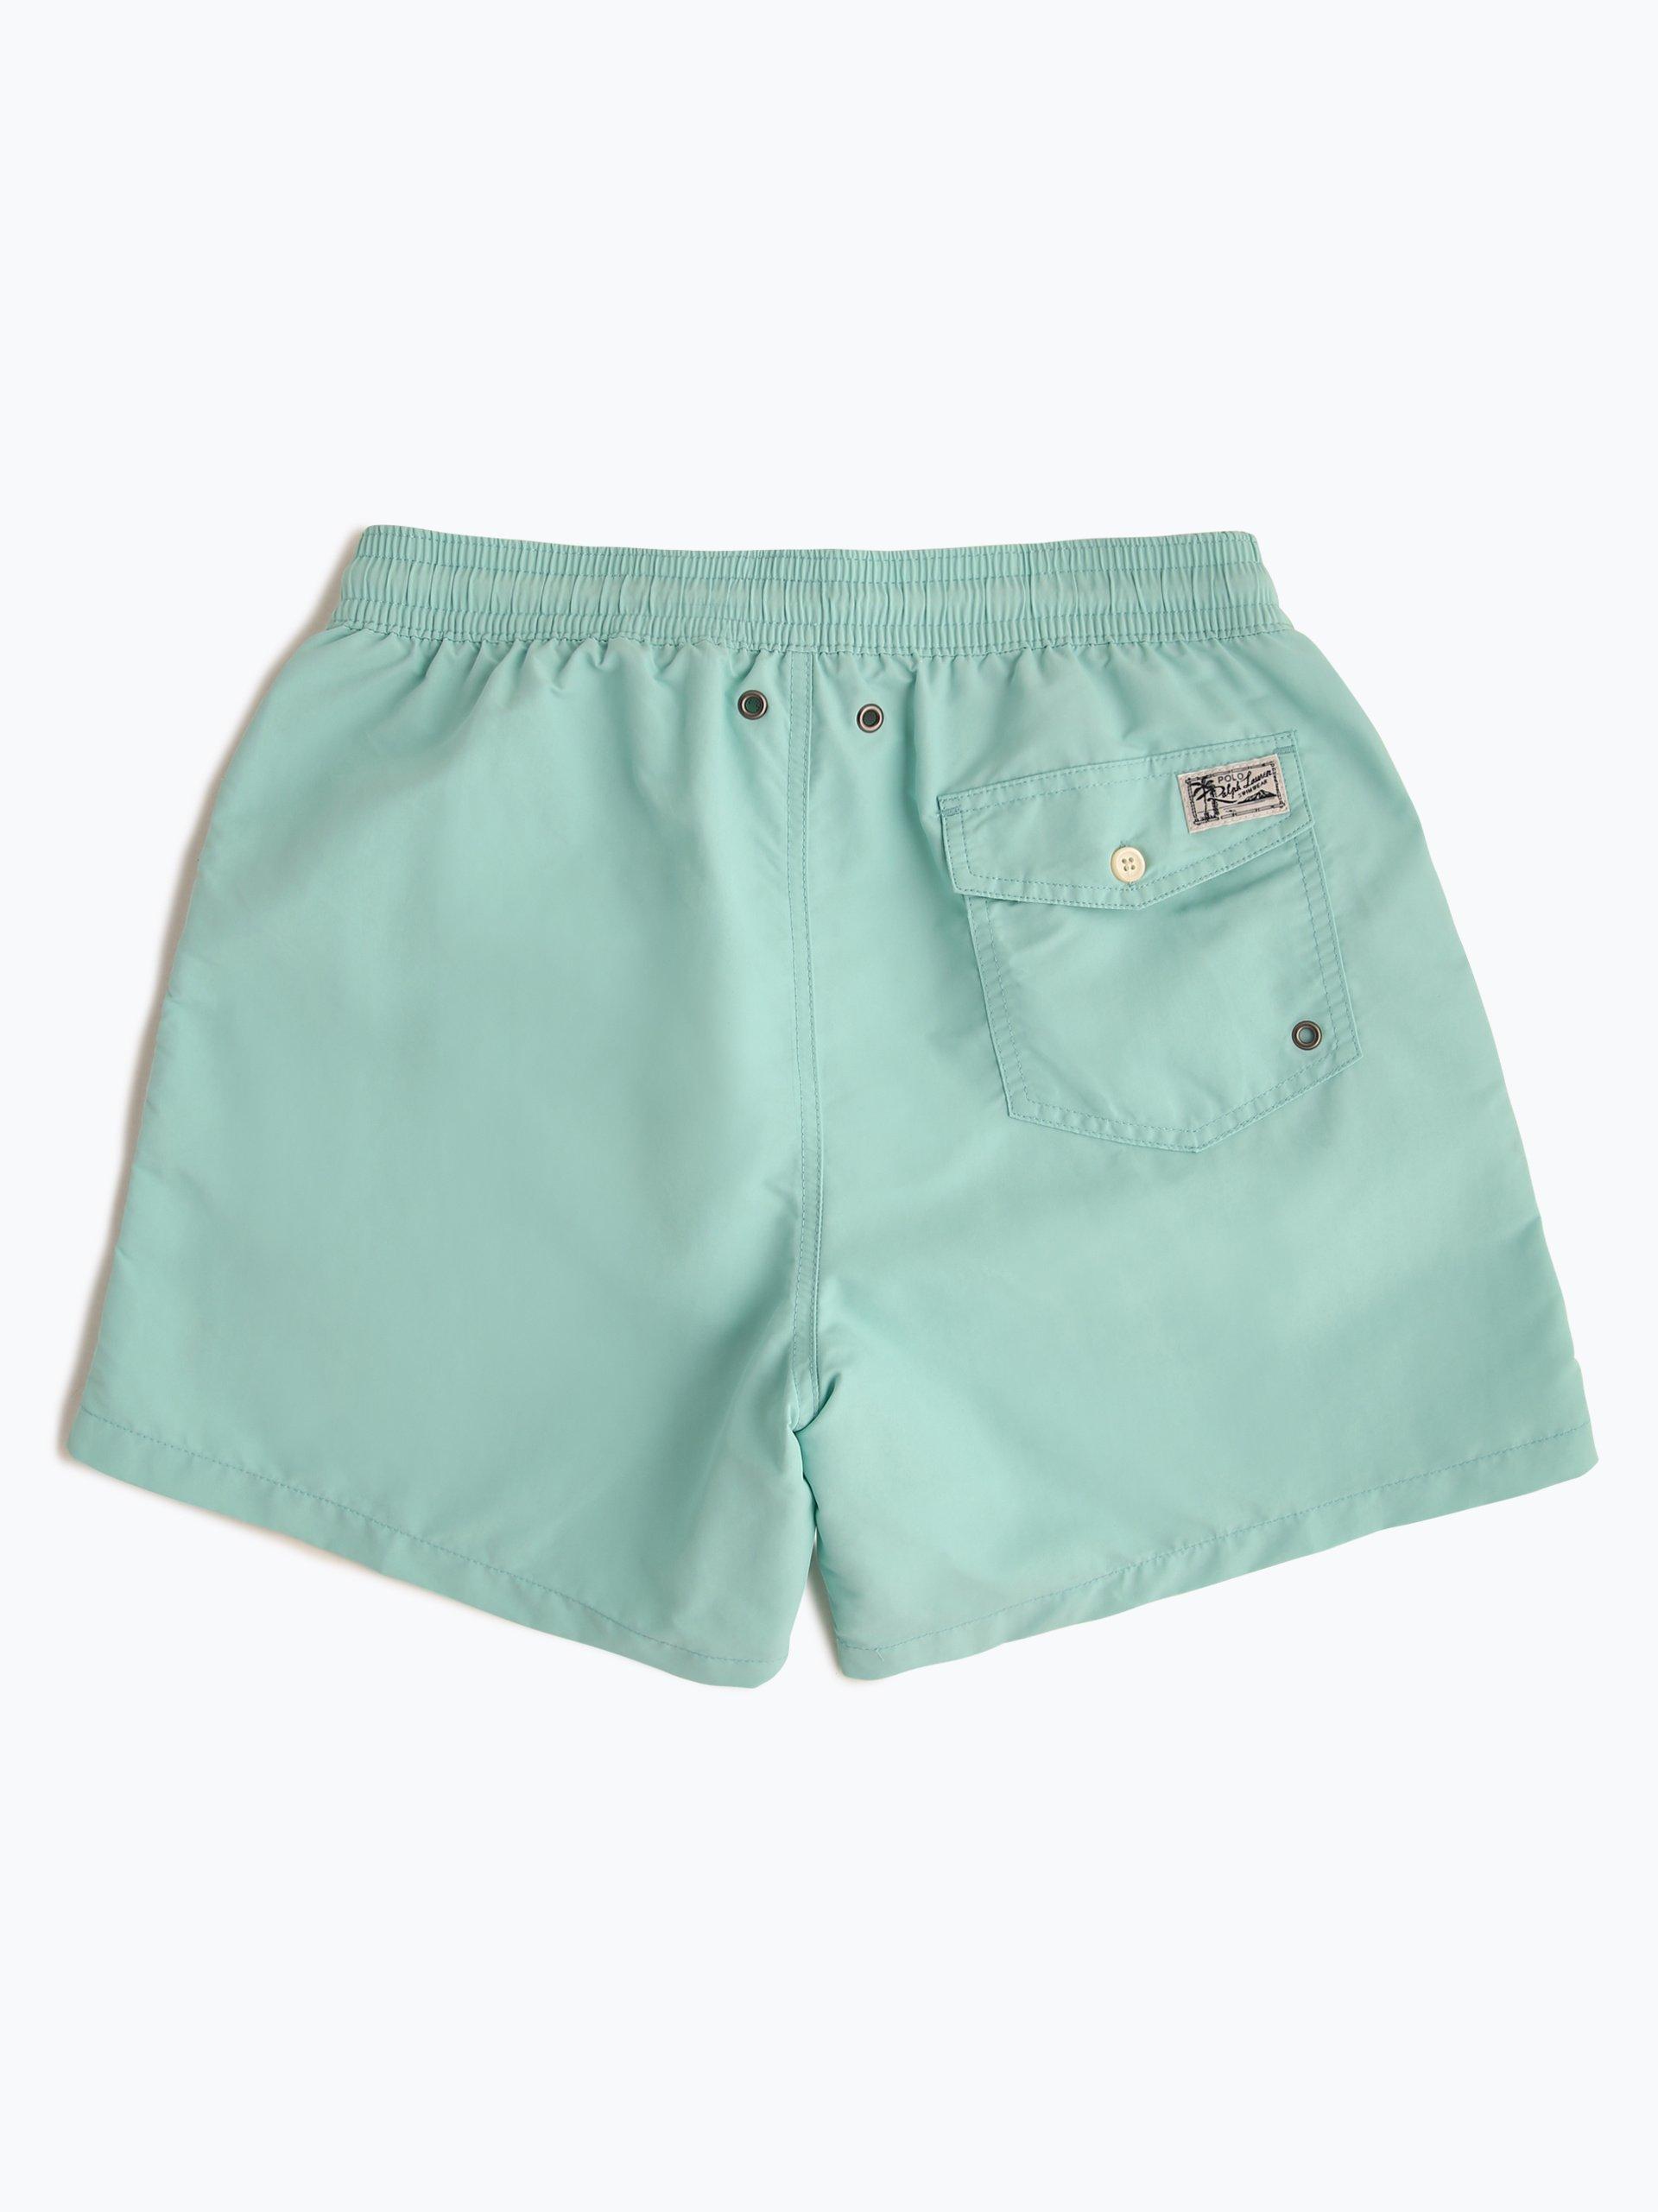 Polo Ralph Lauren Herren Badeshorts